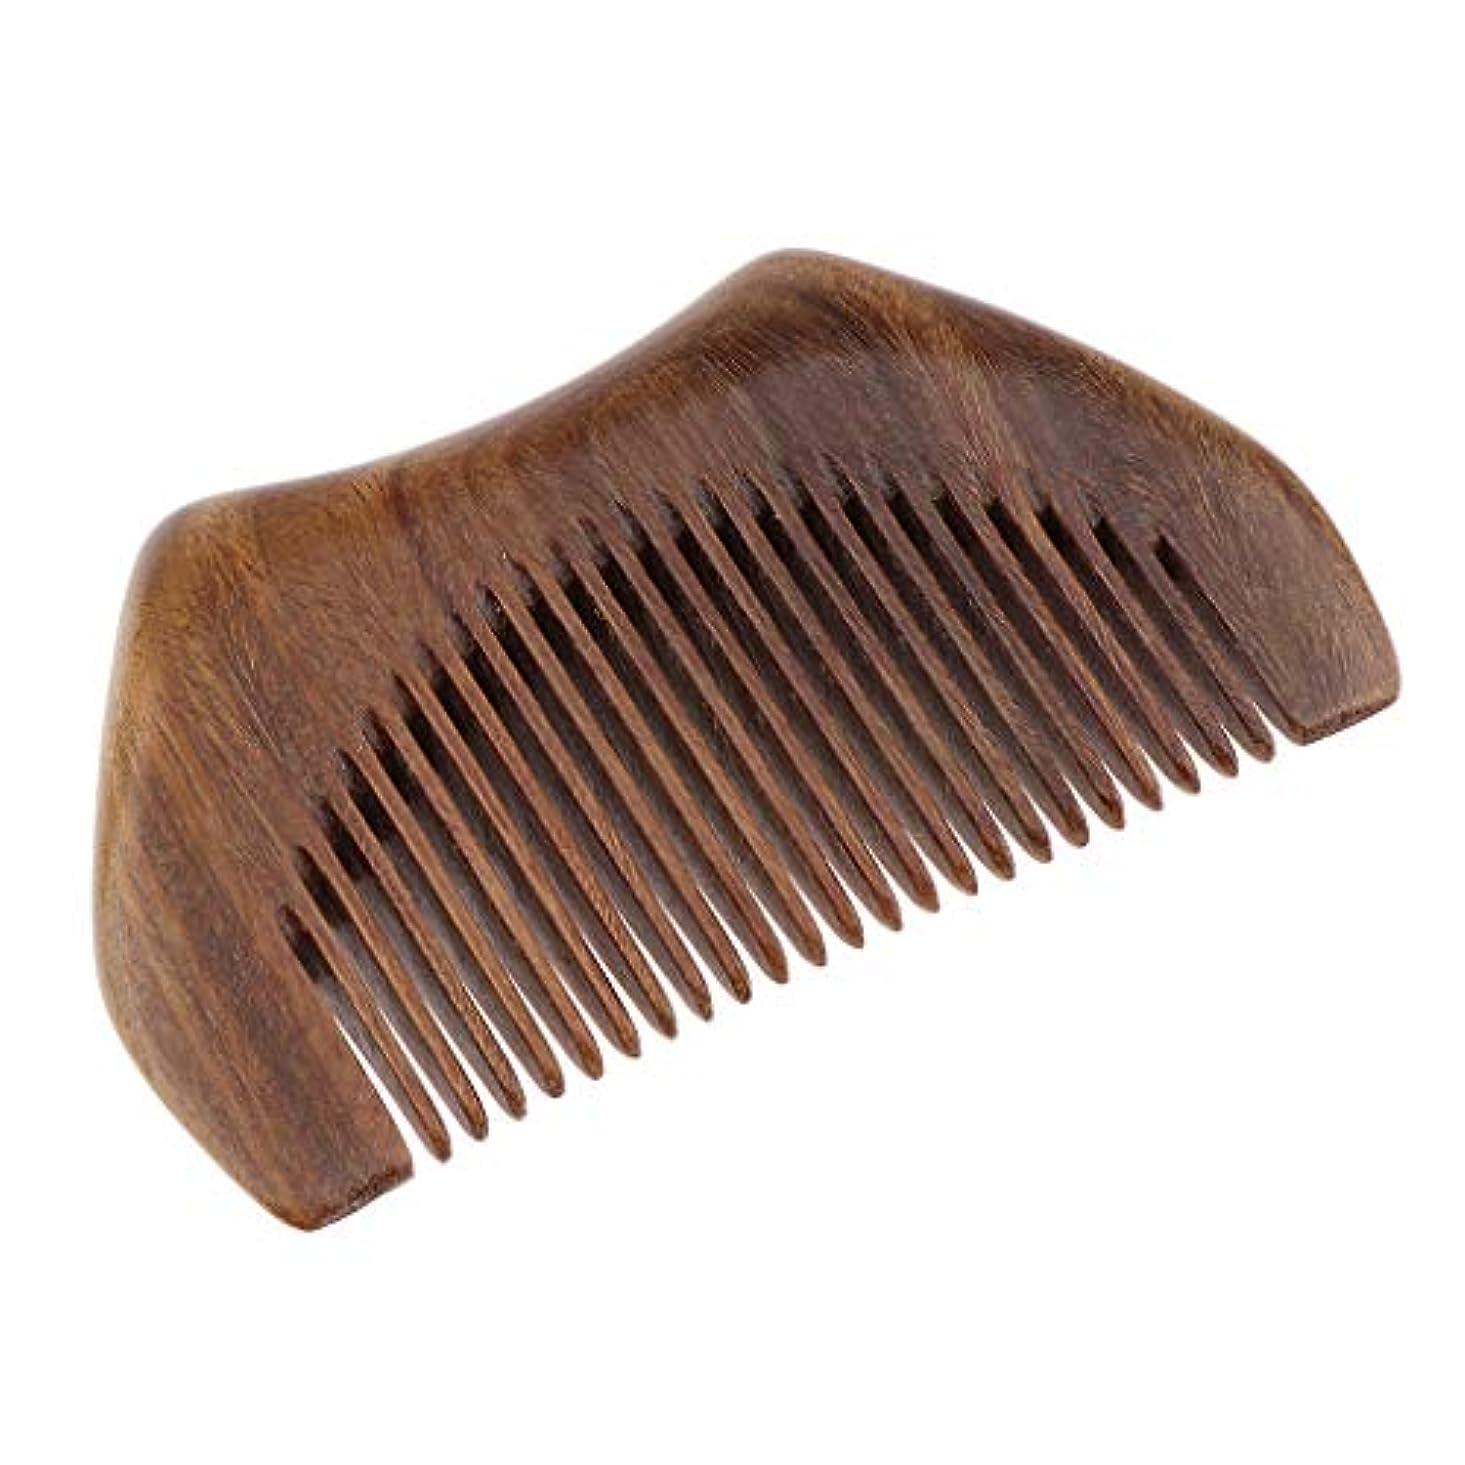 貝殻根拠刃ヘアコーム 木製櫛 ヘアブラシ ヘアスタイリング マッサージャー プレゼント